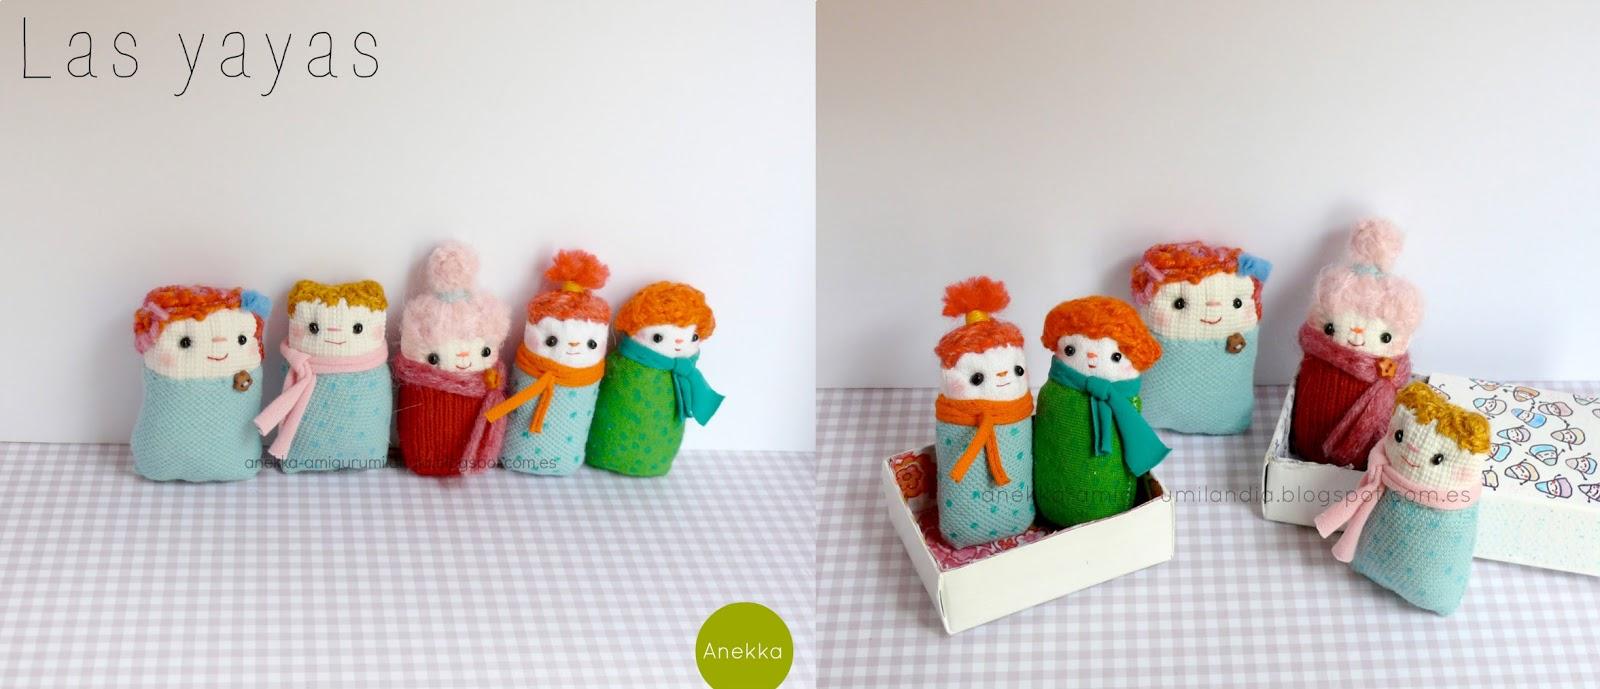 muñecas de trapo hechas a mano regalos